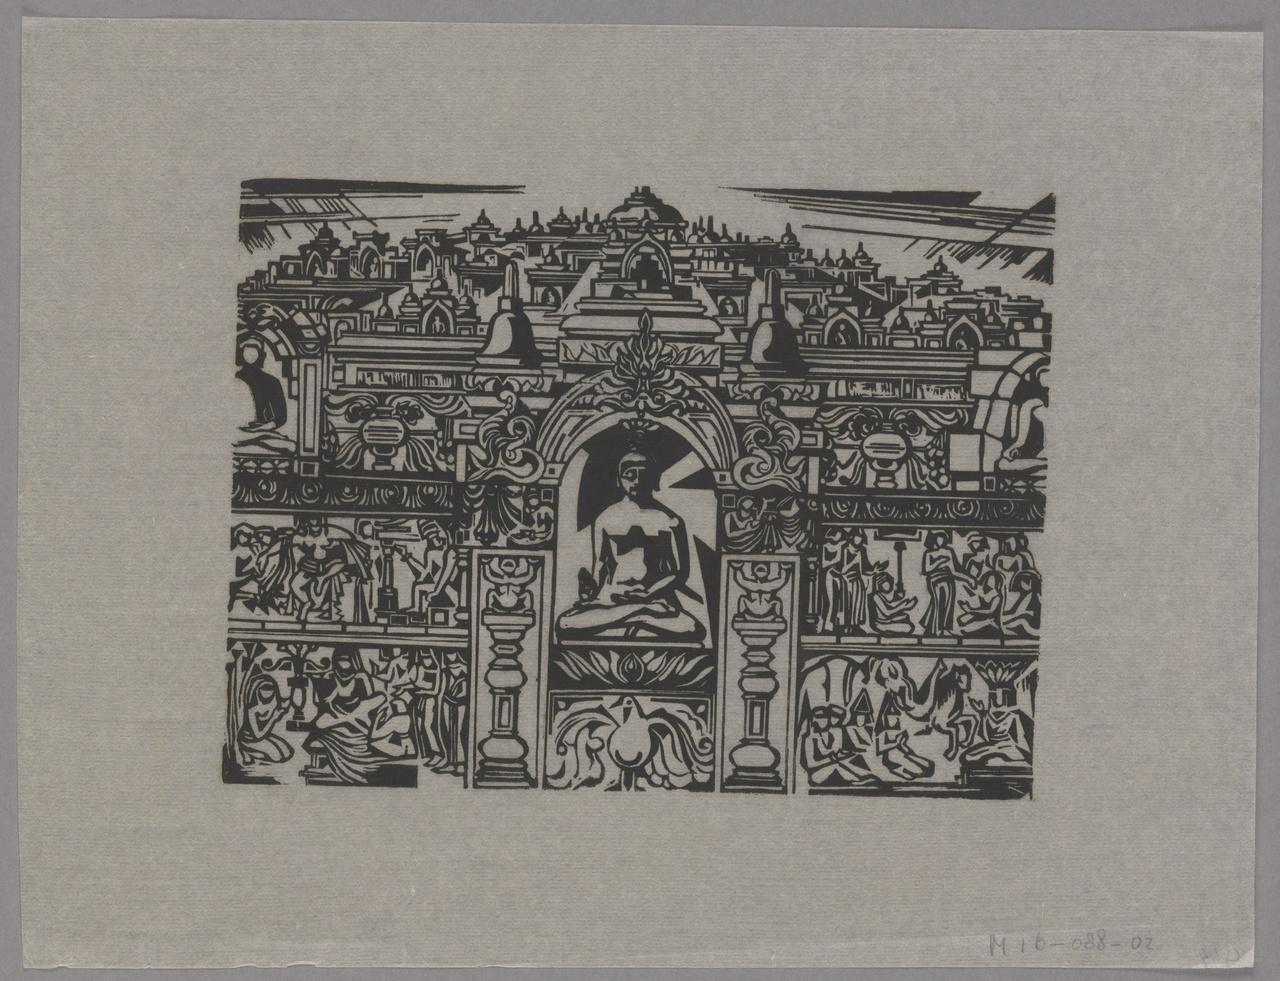 Herinnering Boroboedoer, Johan ten Klooster